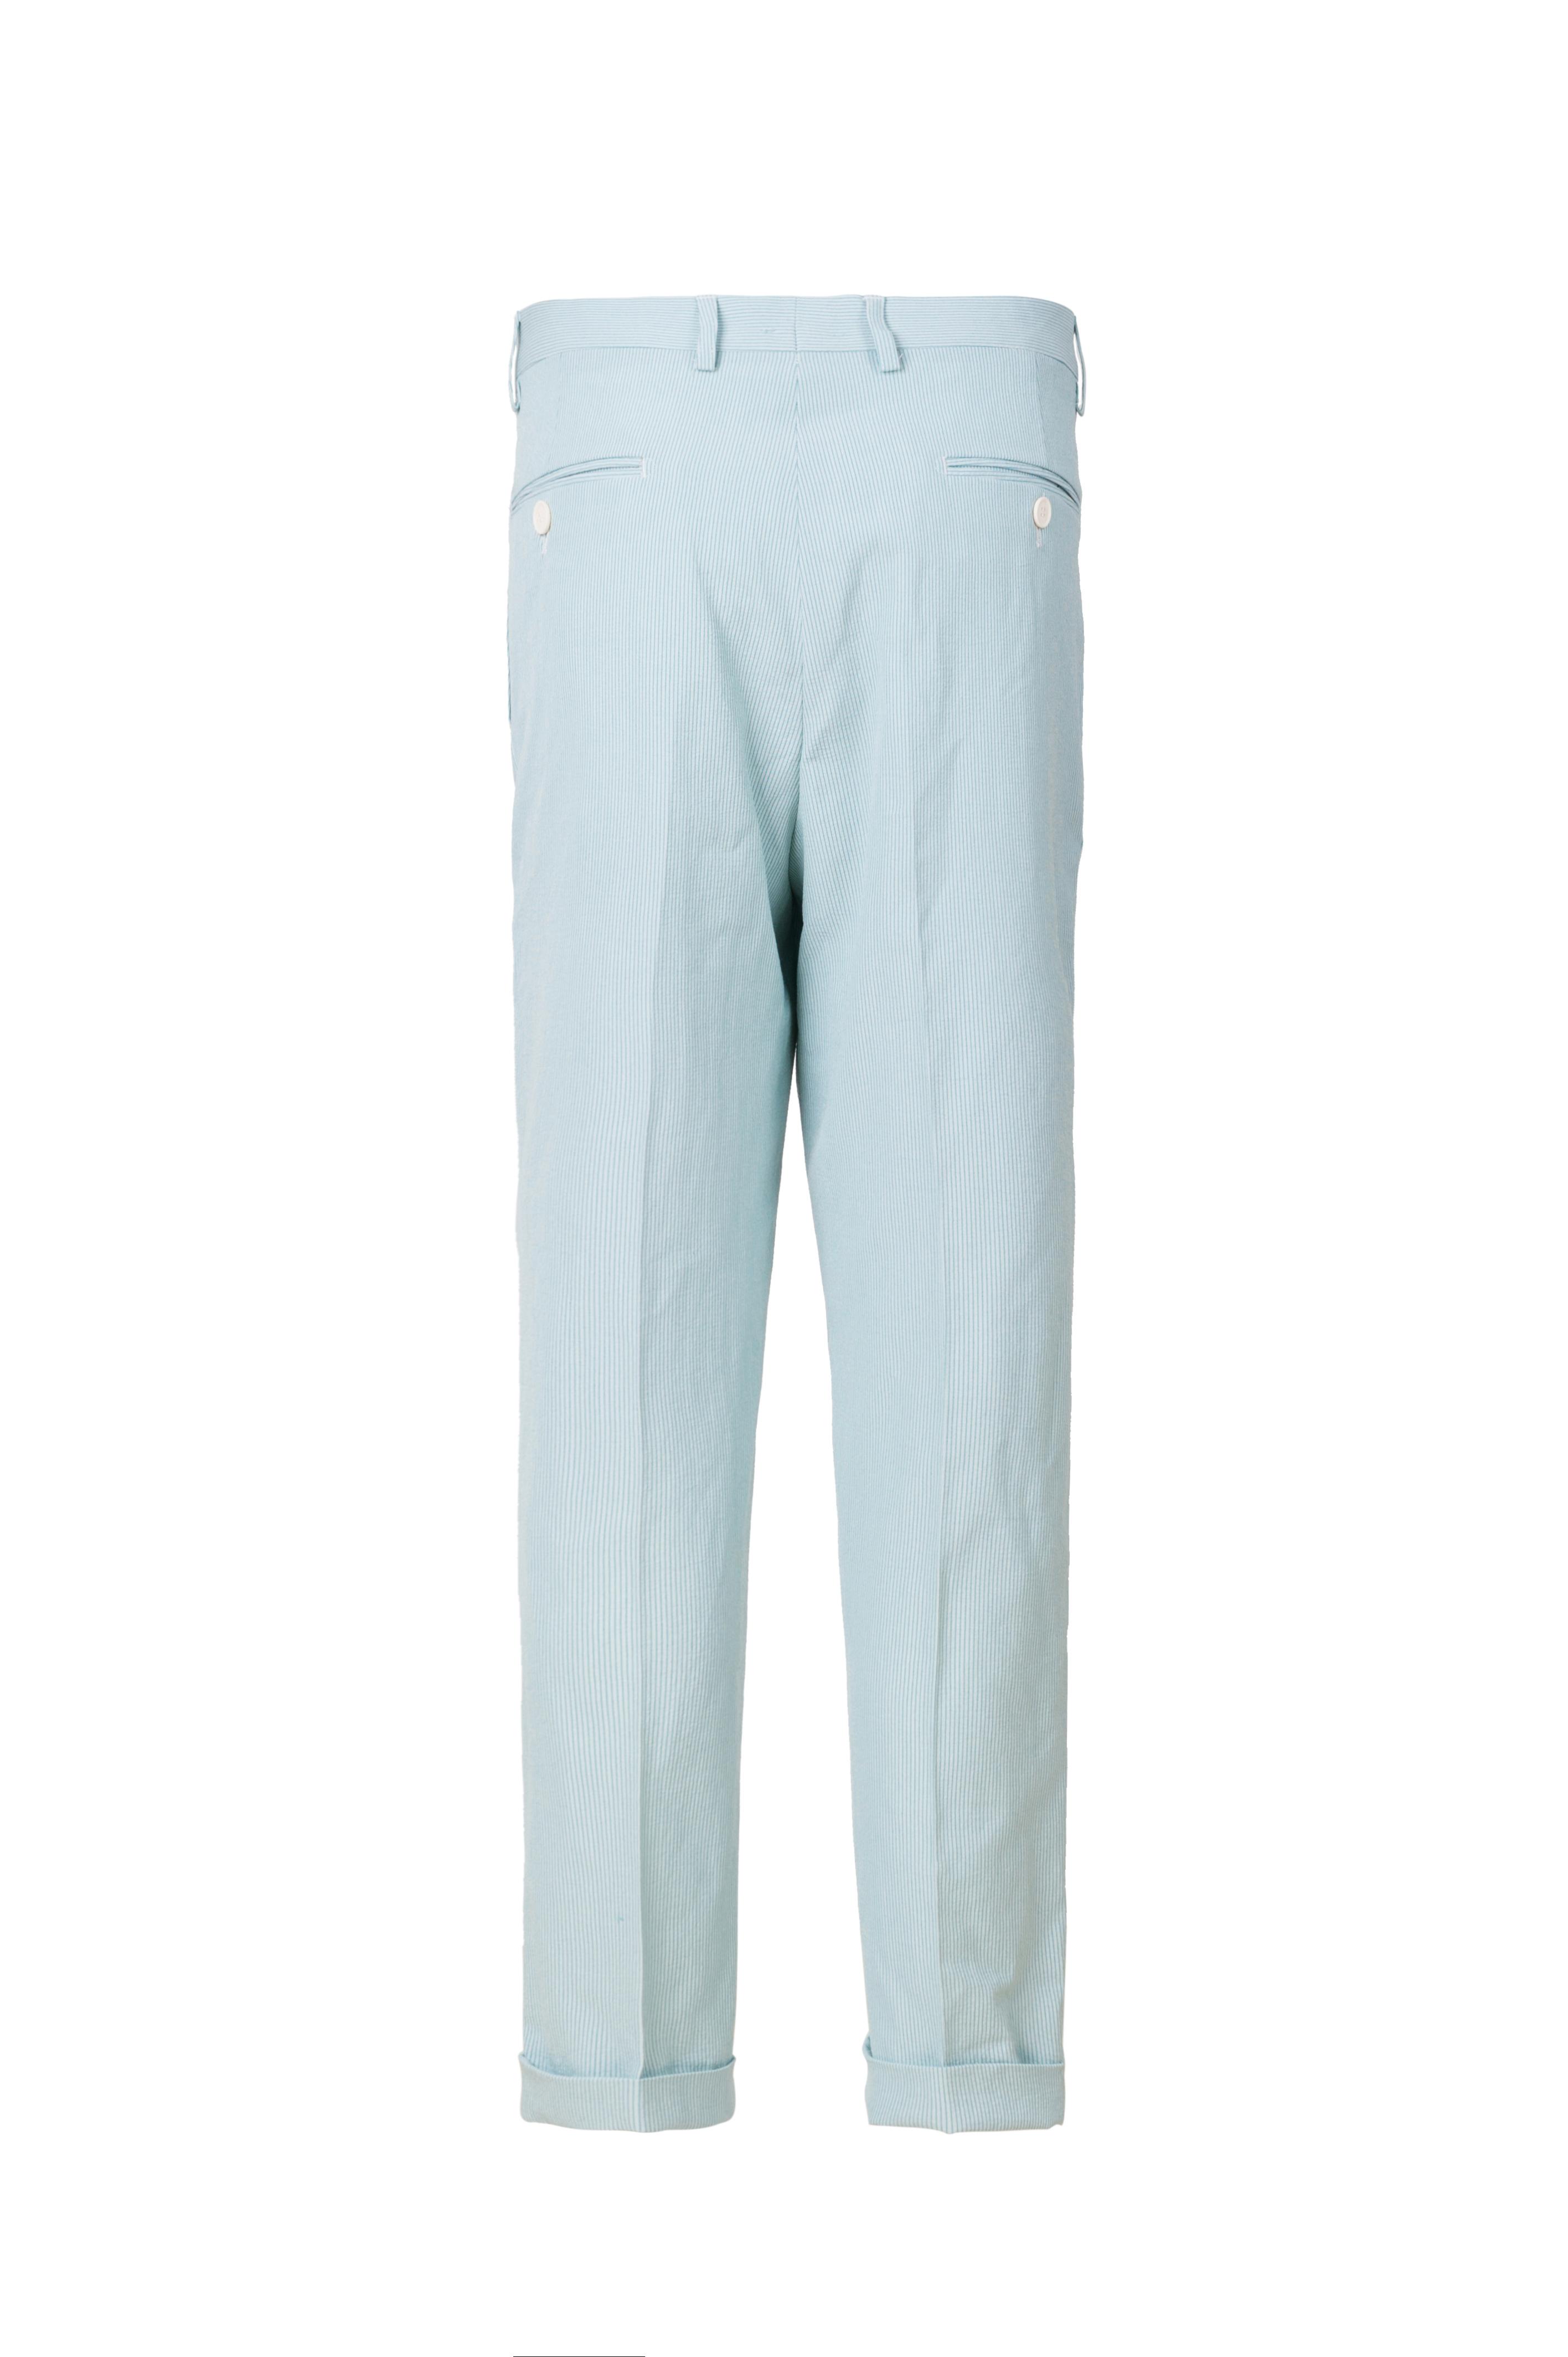 条纹微弹薄荷绿西装裤